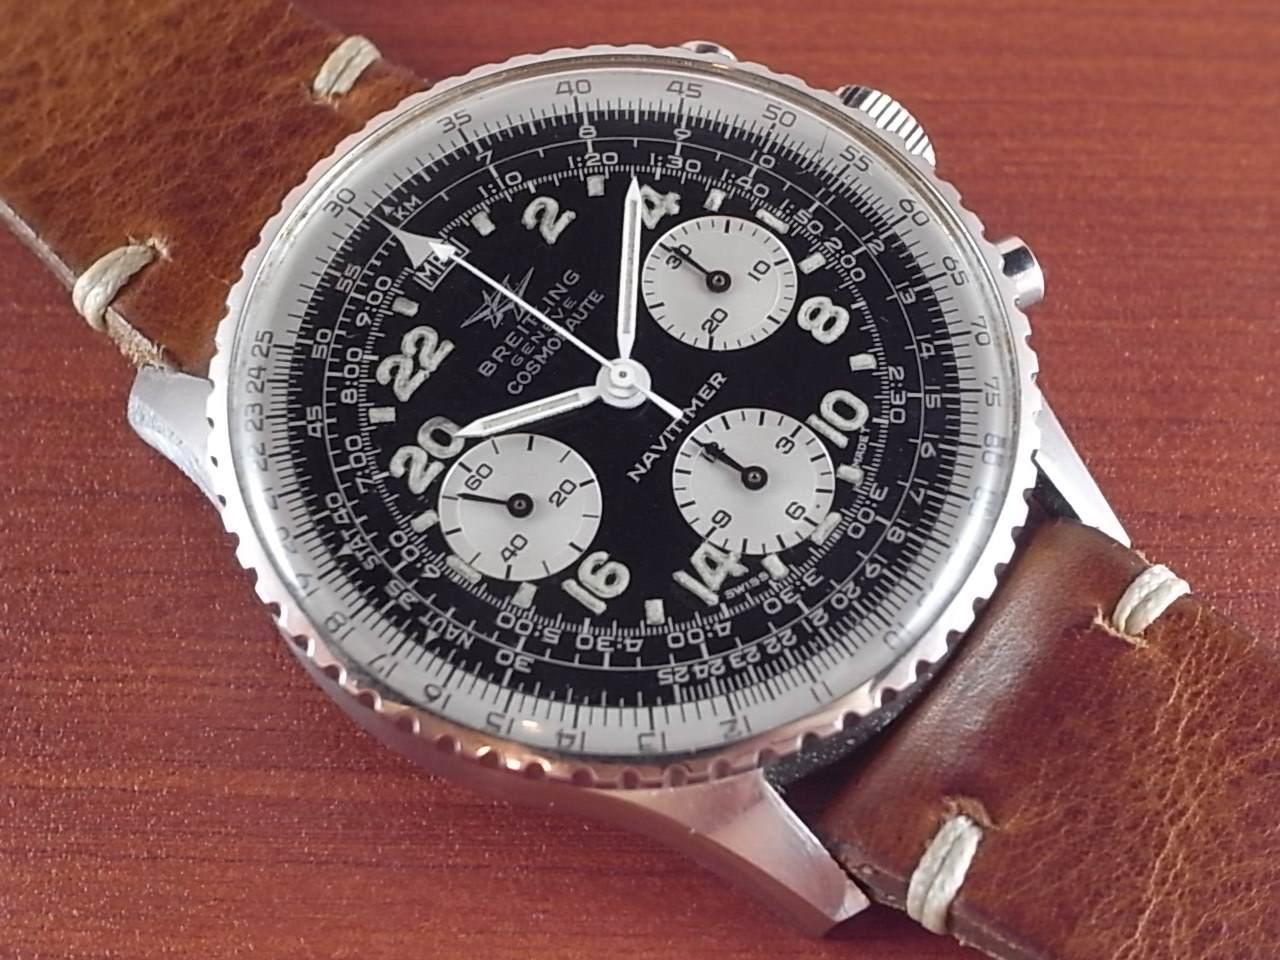 ブライトリング コスモノート ナビタイマー 24時間時計 1960年代のメイン写真